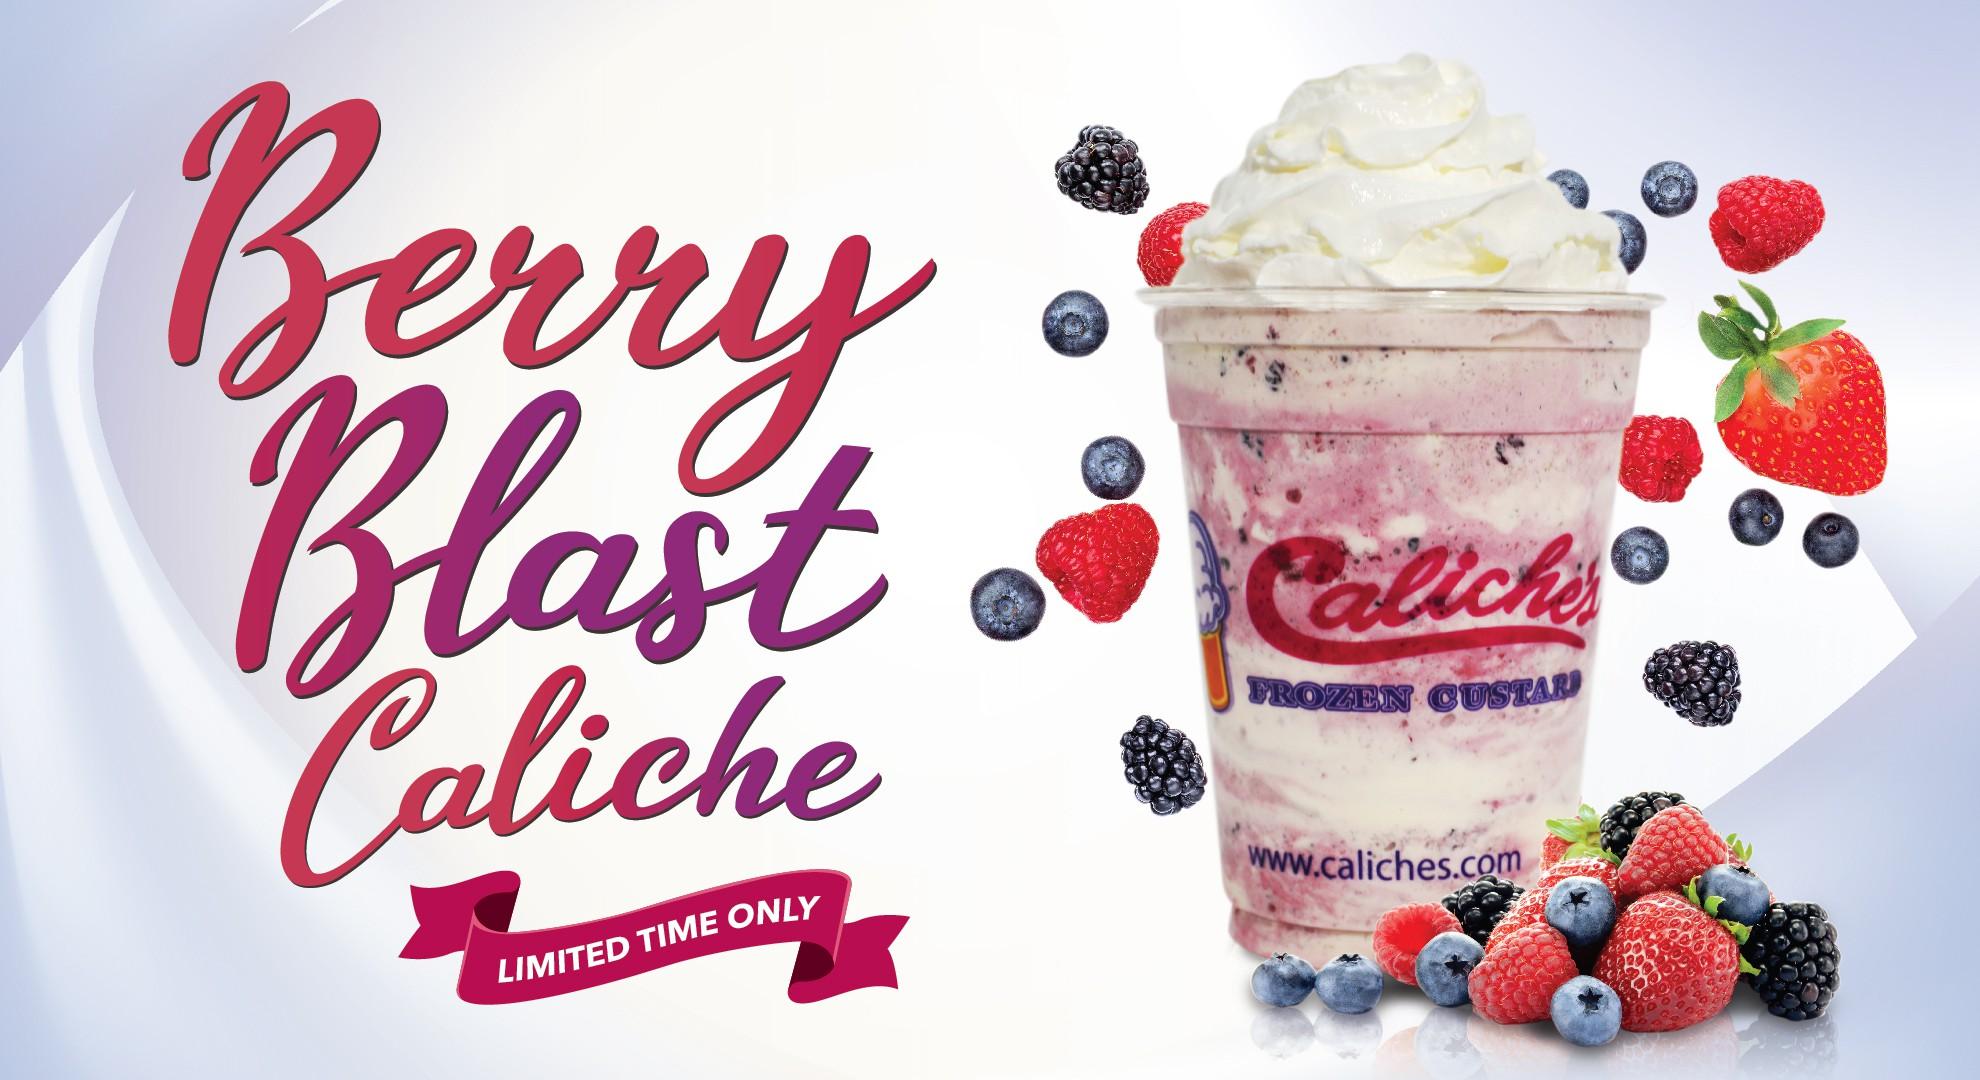 Berry Blast Caliche Poster